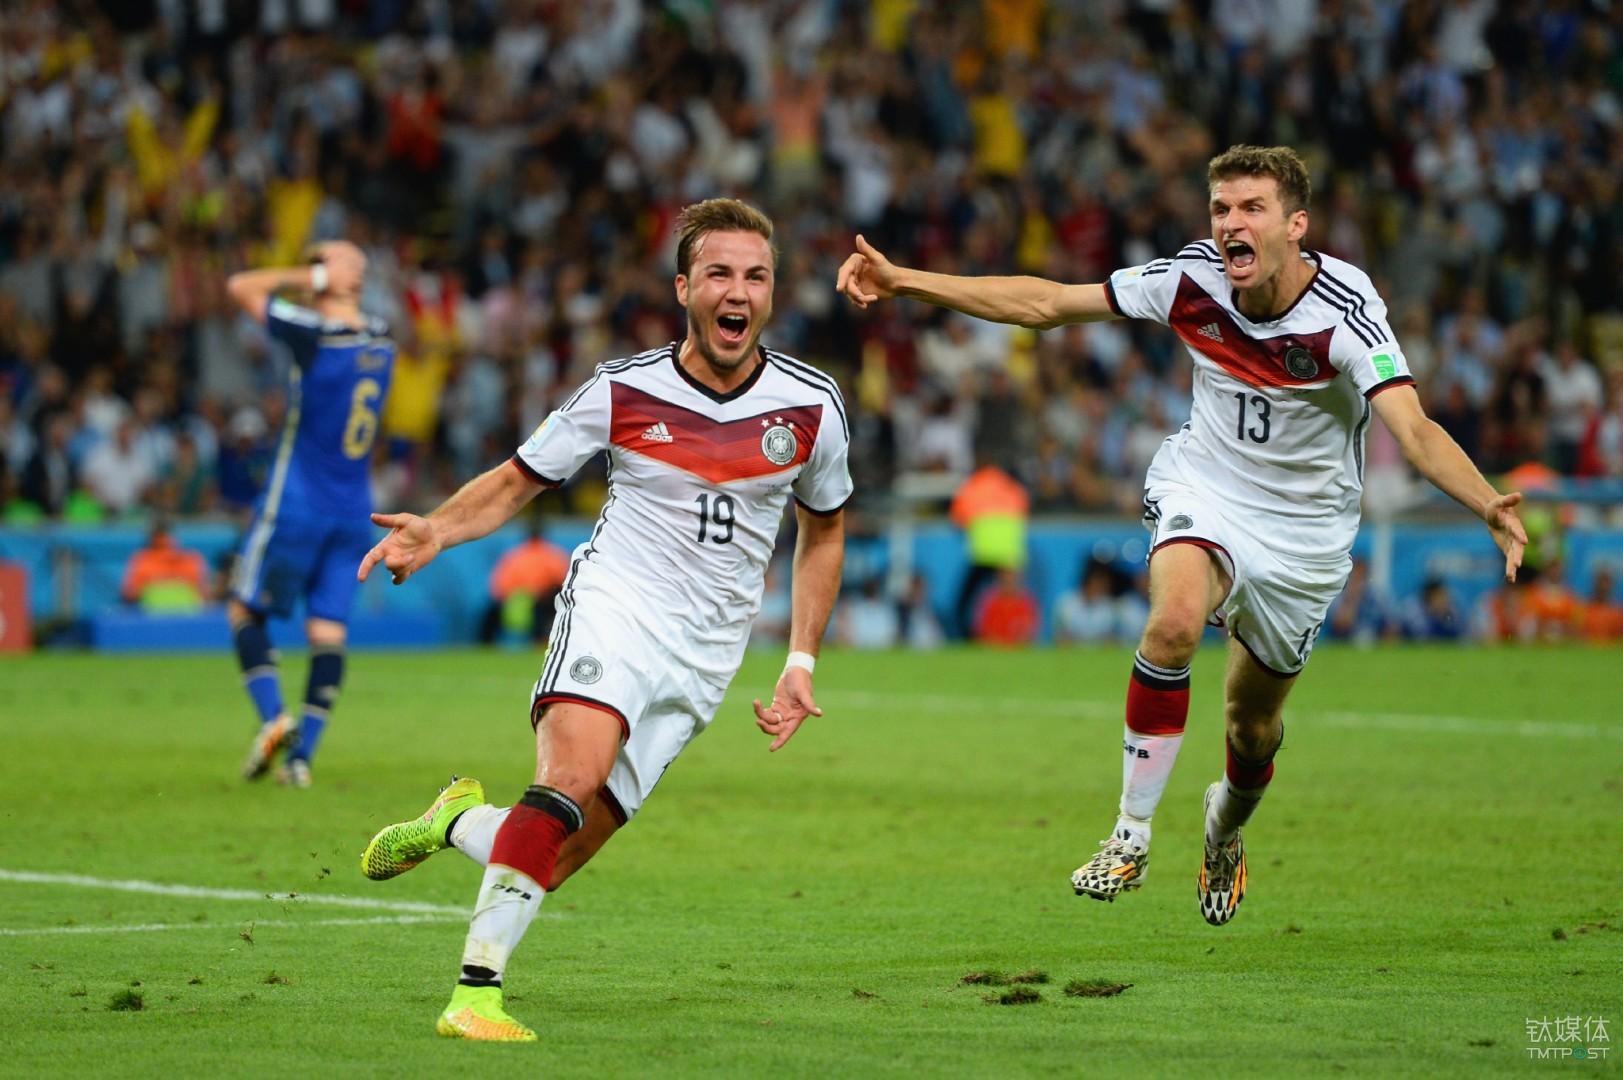 阿根廷和巴西在2014年世界杯上的失利背后有着更深层次的原因